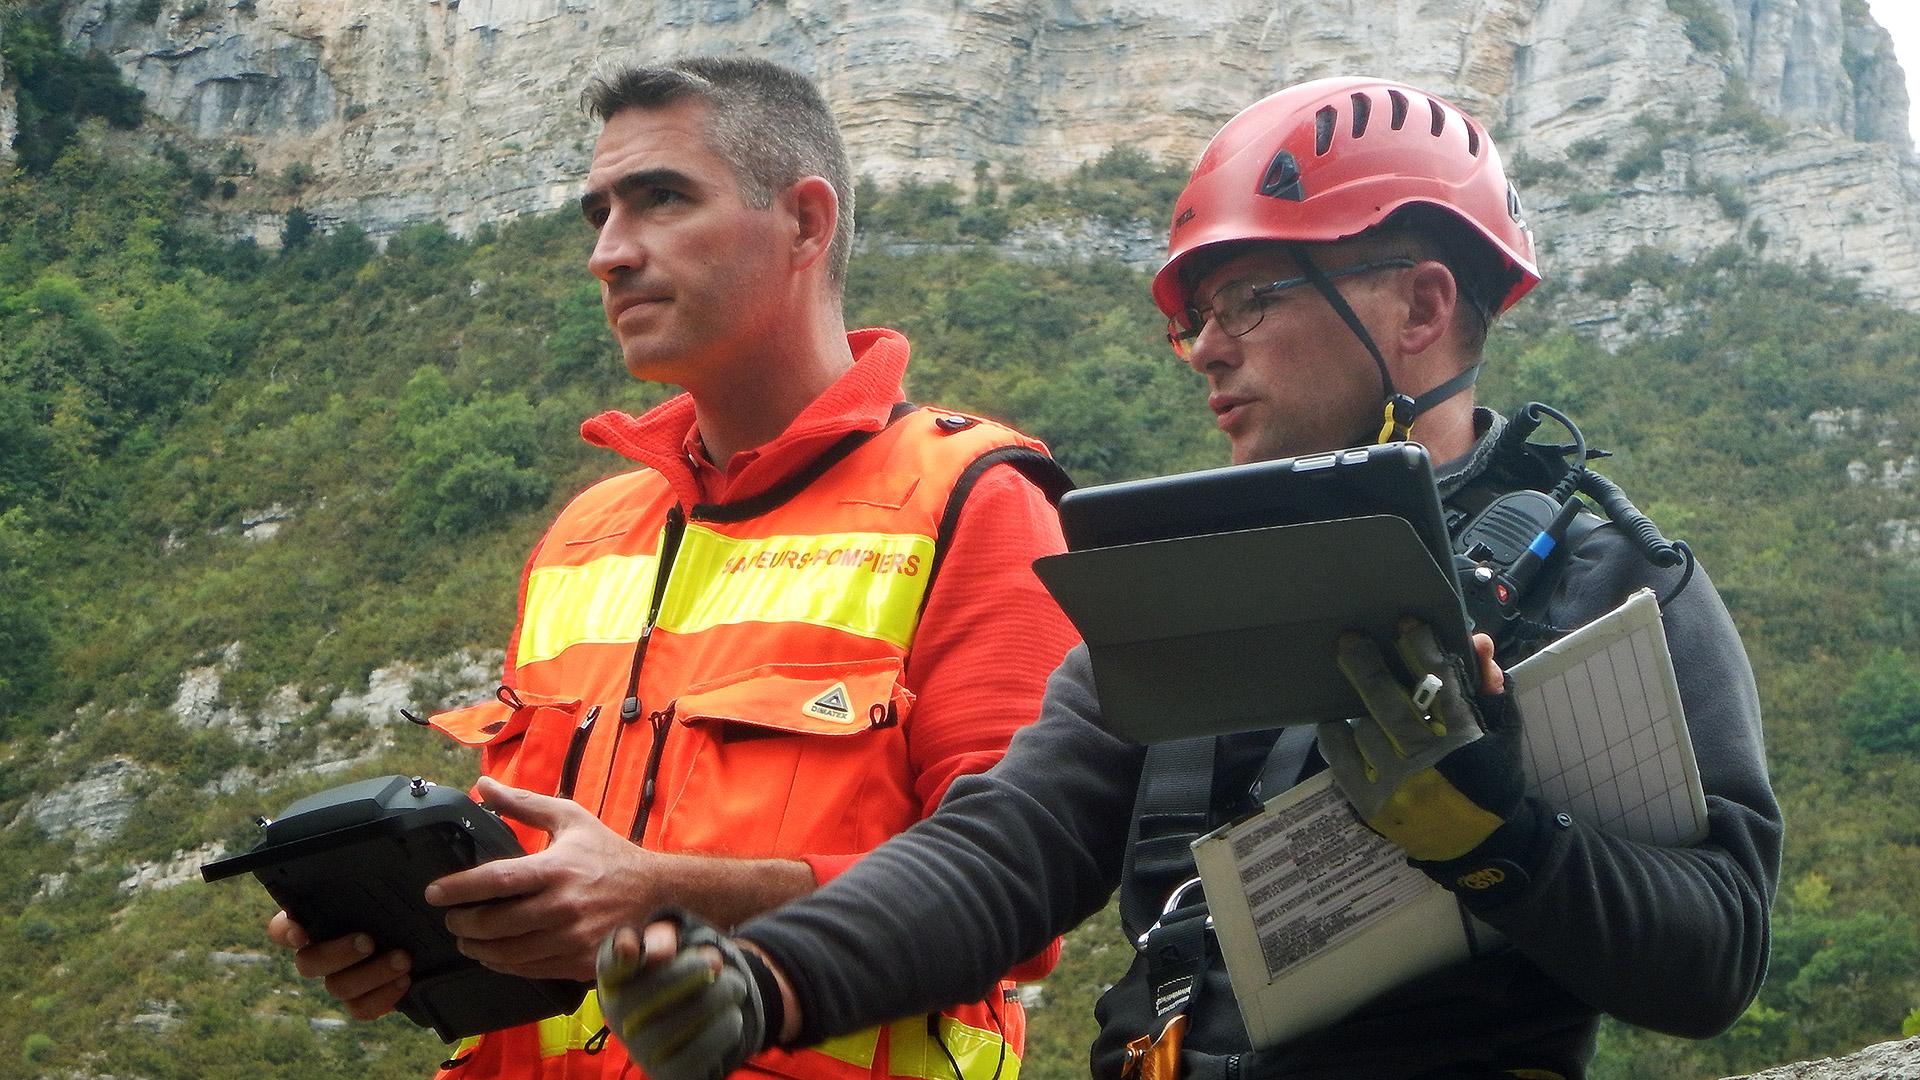 Forum des cadres de secours en milieu périlleux - GRIMP ECASC